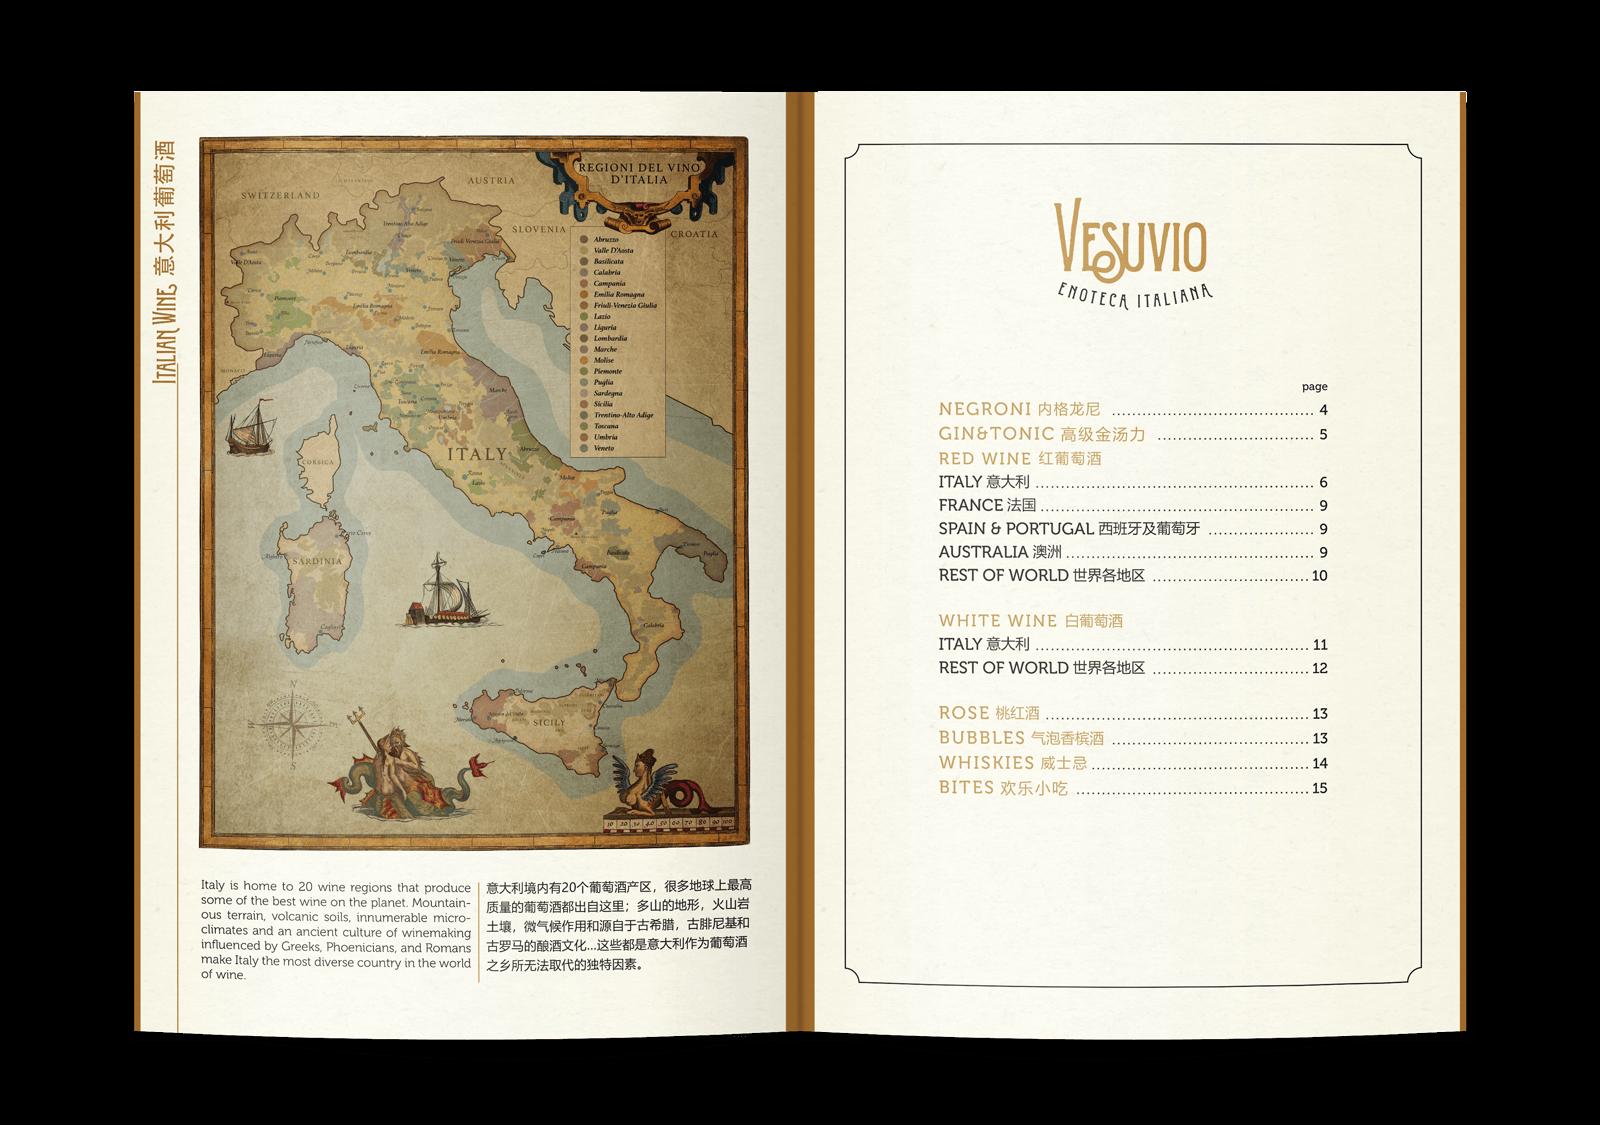 vesuvio-menu-02-o